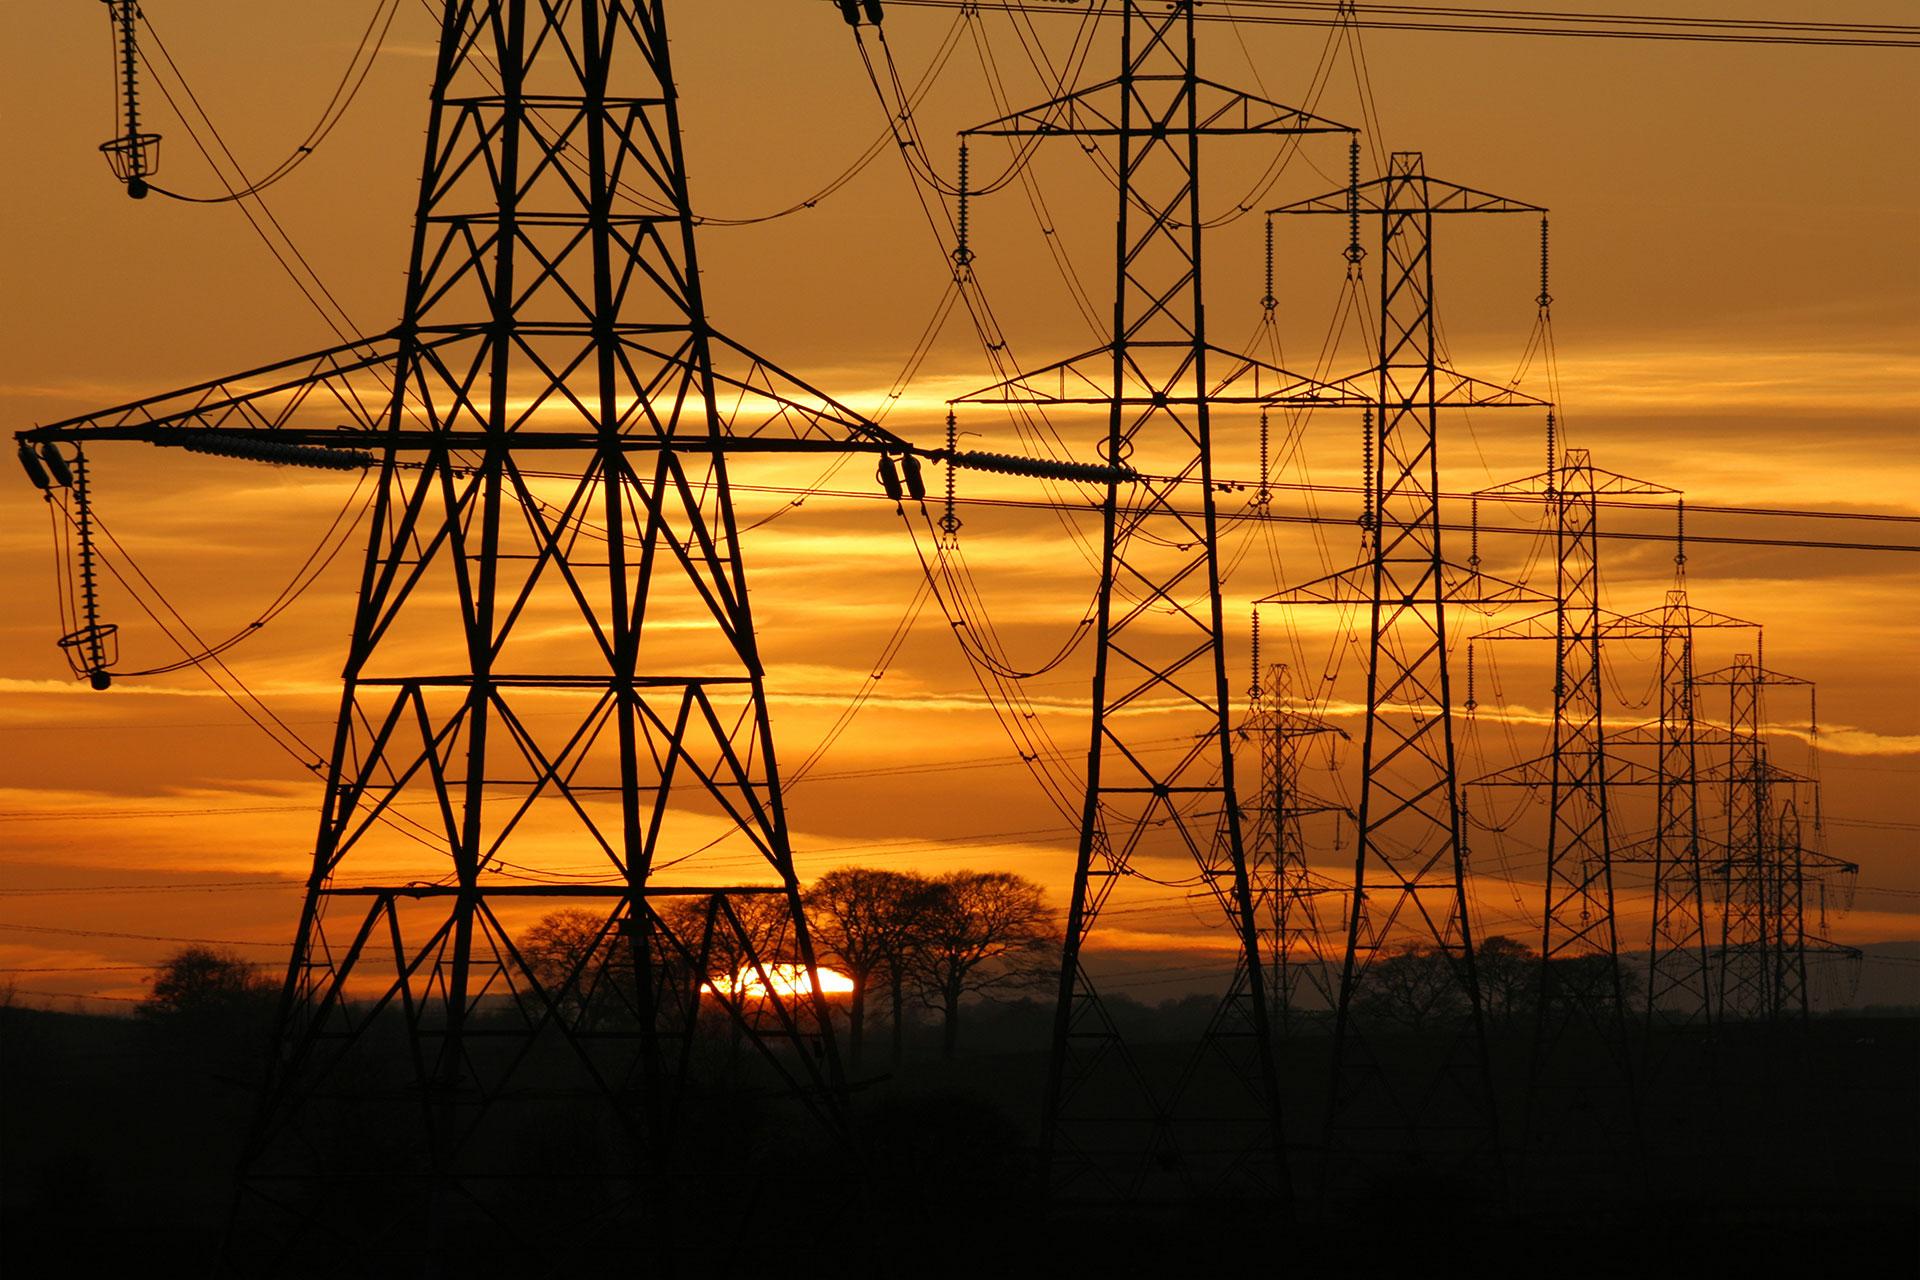 Техническое обслуживание трансформаторных подстанций и ЛЭП